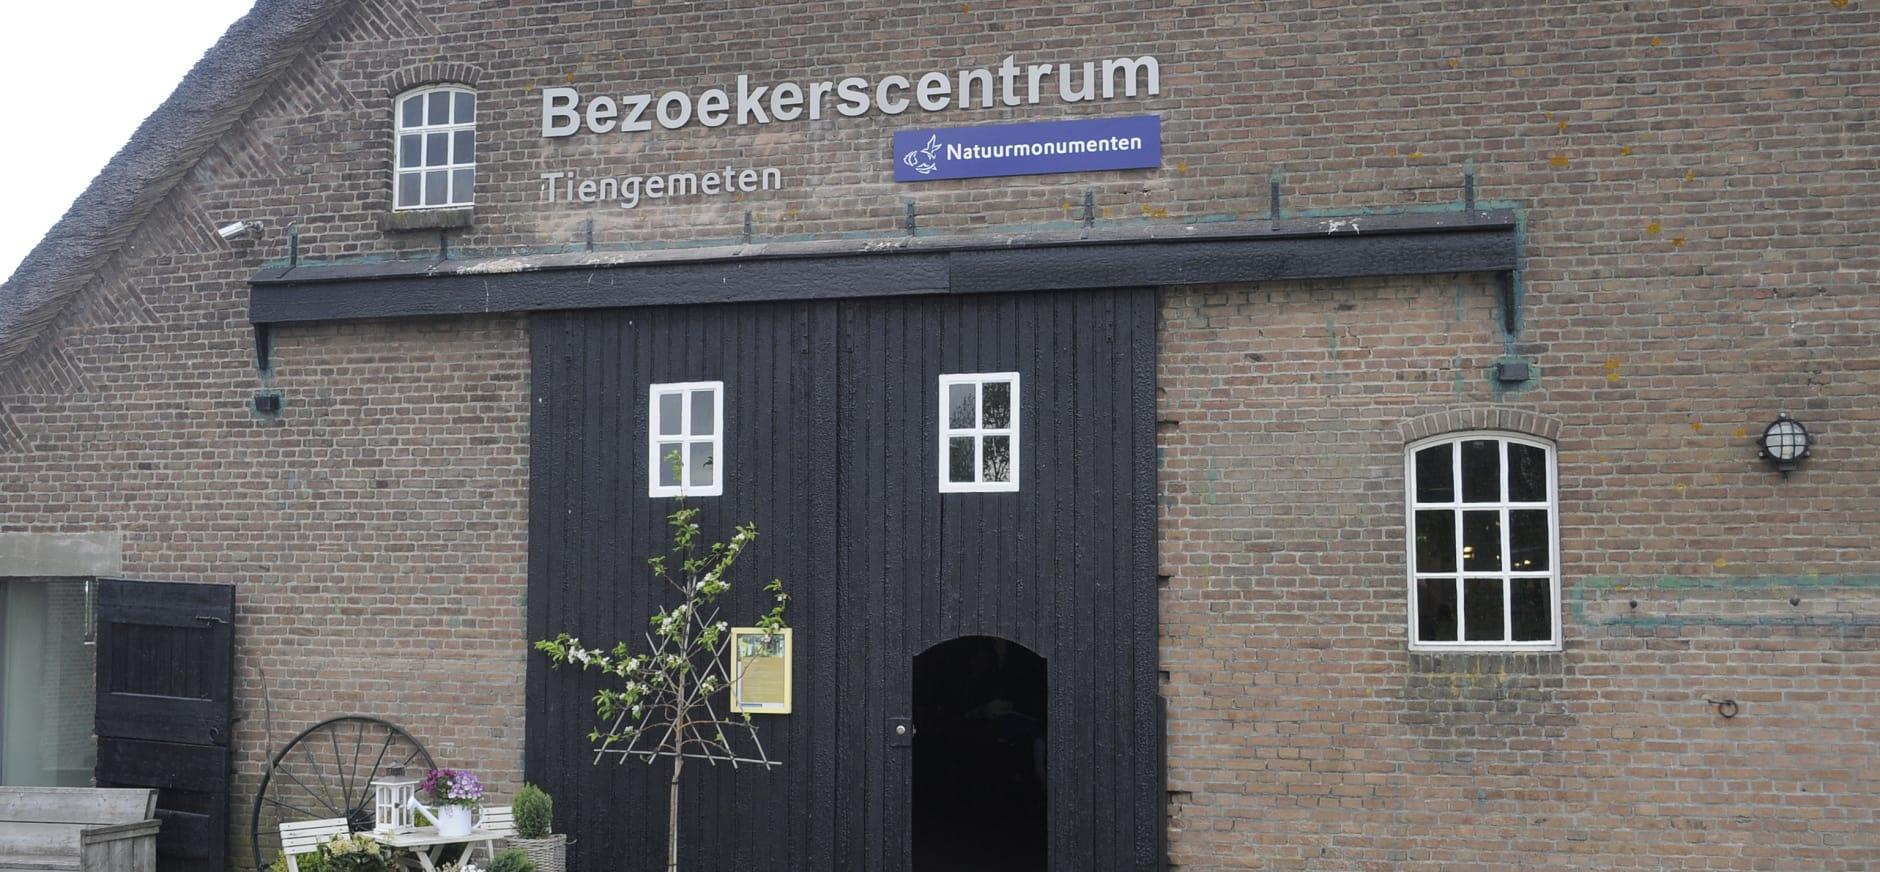 Bezoekerscentrum Tiengemeten